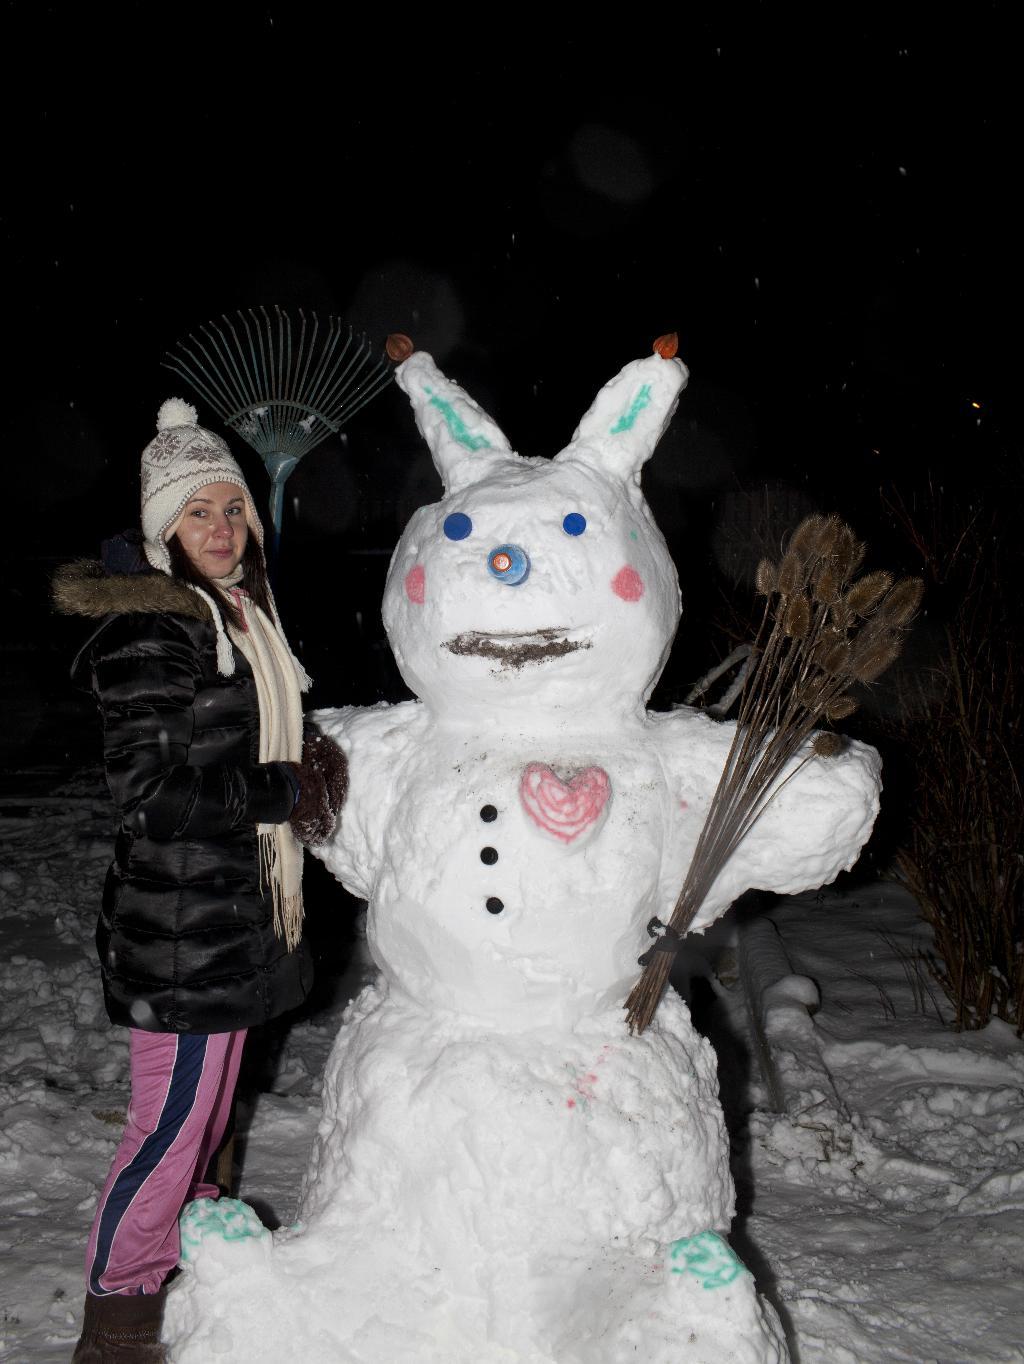 Блиц: фигуры из снега и льда Блиц: фигуры из снег. Блиц: фигуры из снега и льда